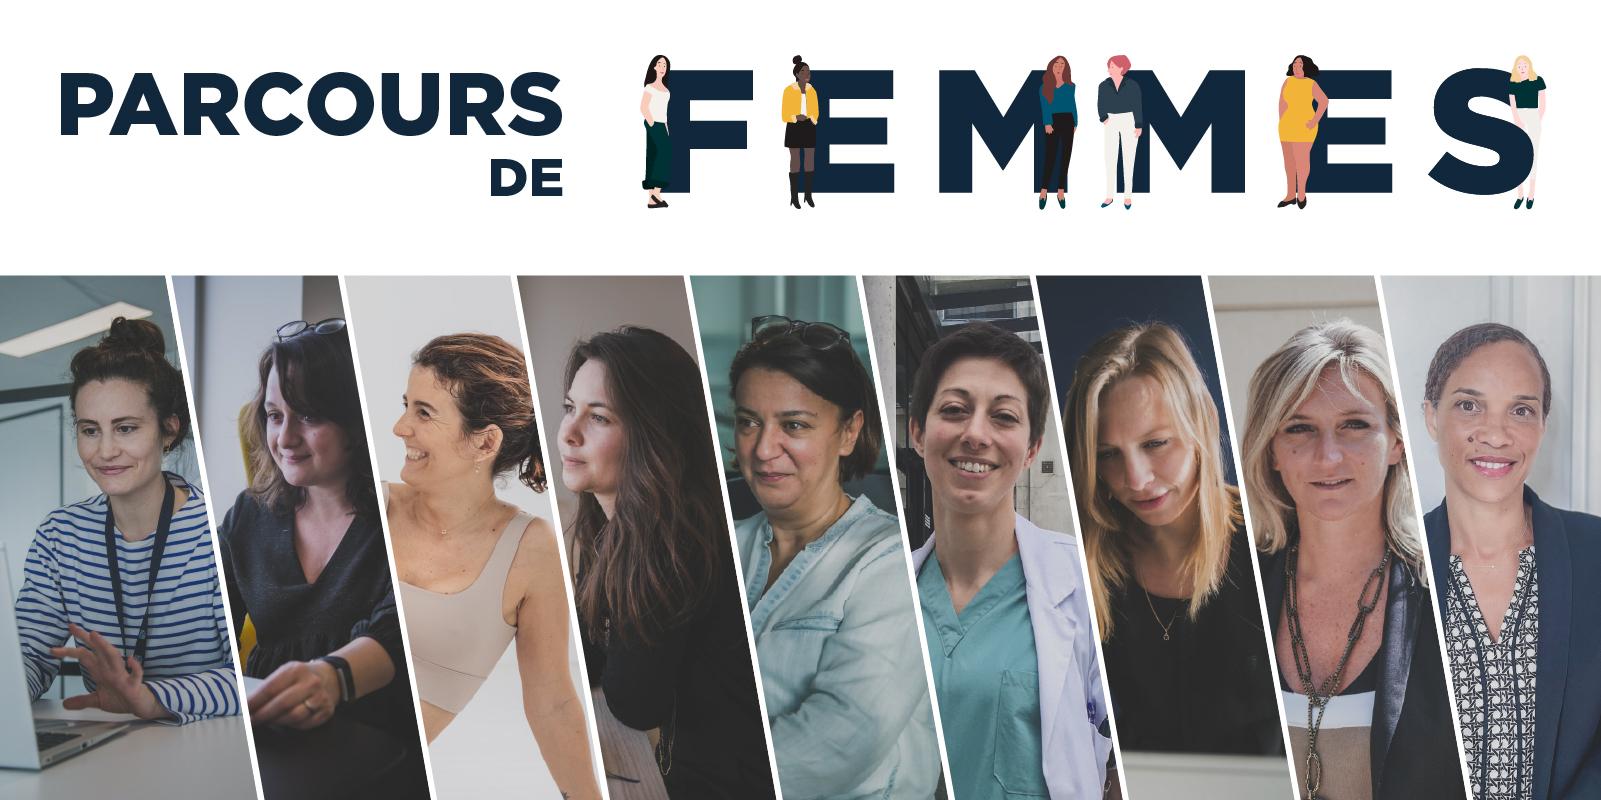 Parcours de femmes : nos collaboratrices et alumni se racontent